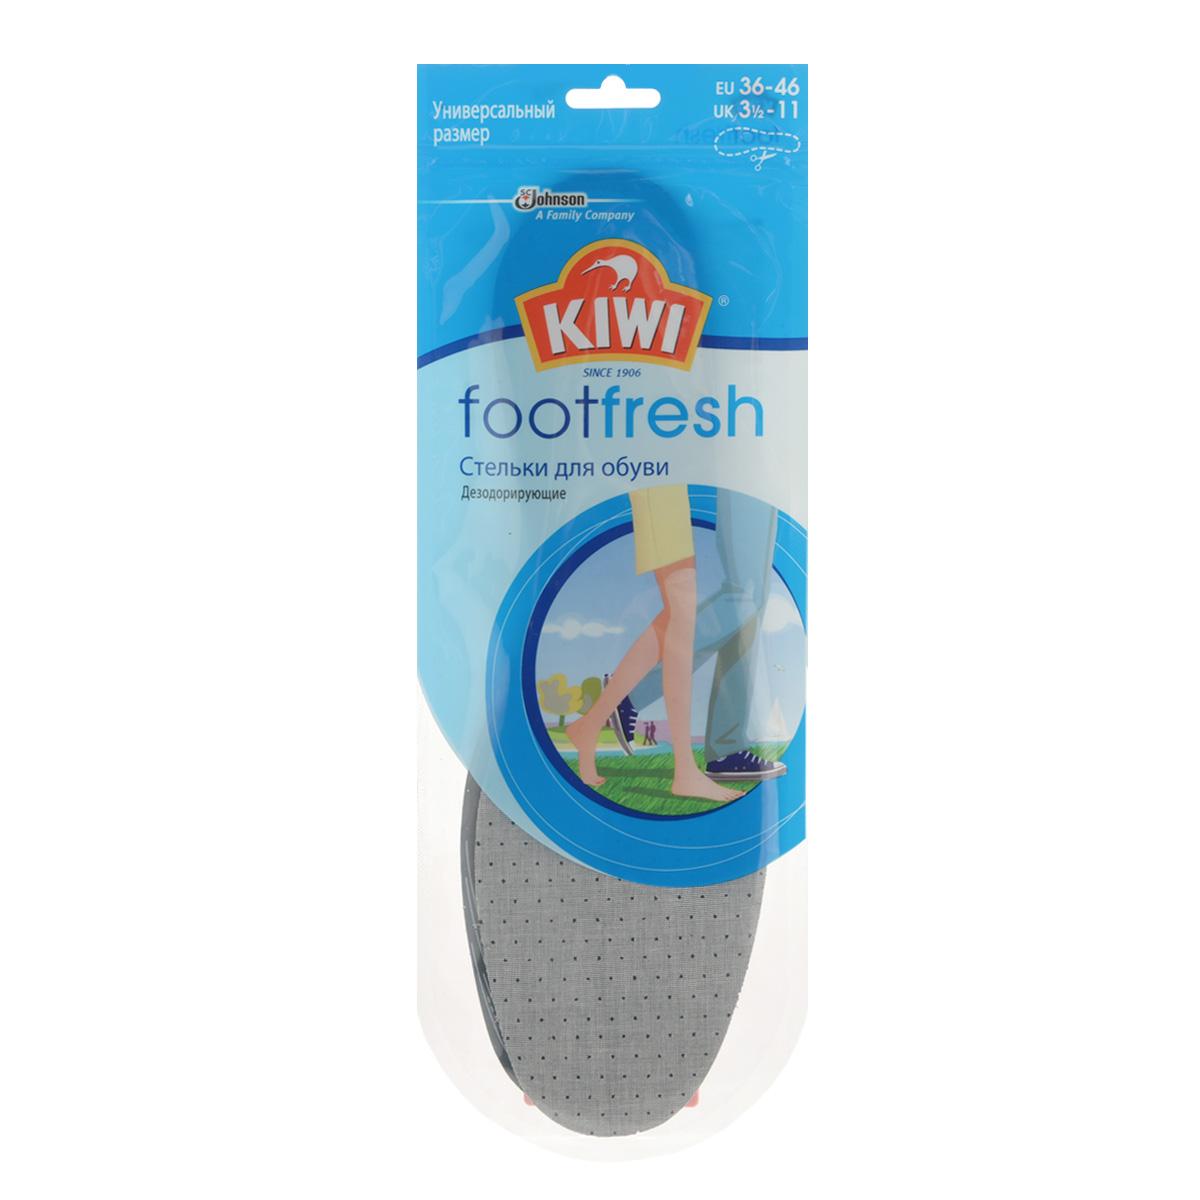 Стельки дезодорирующие Kiwi FootFresh, с активированным углемSS 4041Стельки для обуви Kiwi FootFresh сохраняют свежесть ваших ног. Специальный слой с активированным углем обеспечивает защиту от неприятного запаха. Дышащий верхний слой создает ощущение комфорта для ваших ног.Размер универсальный: 36-46.